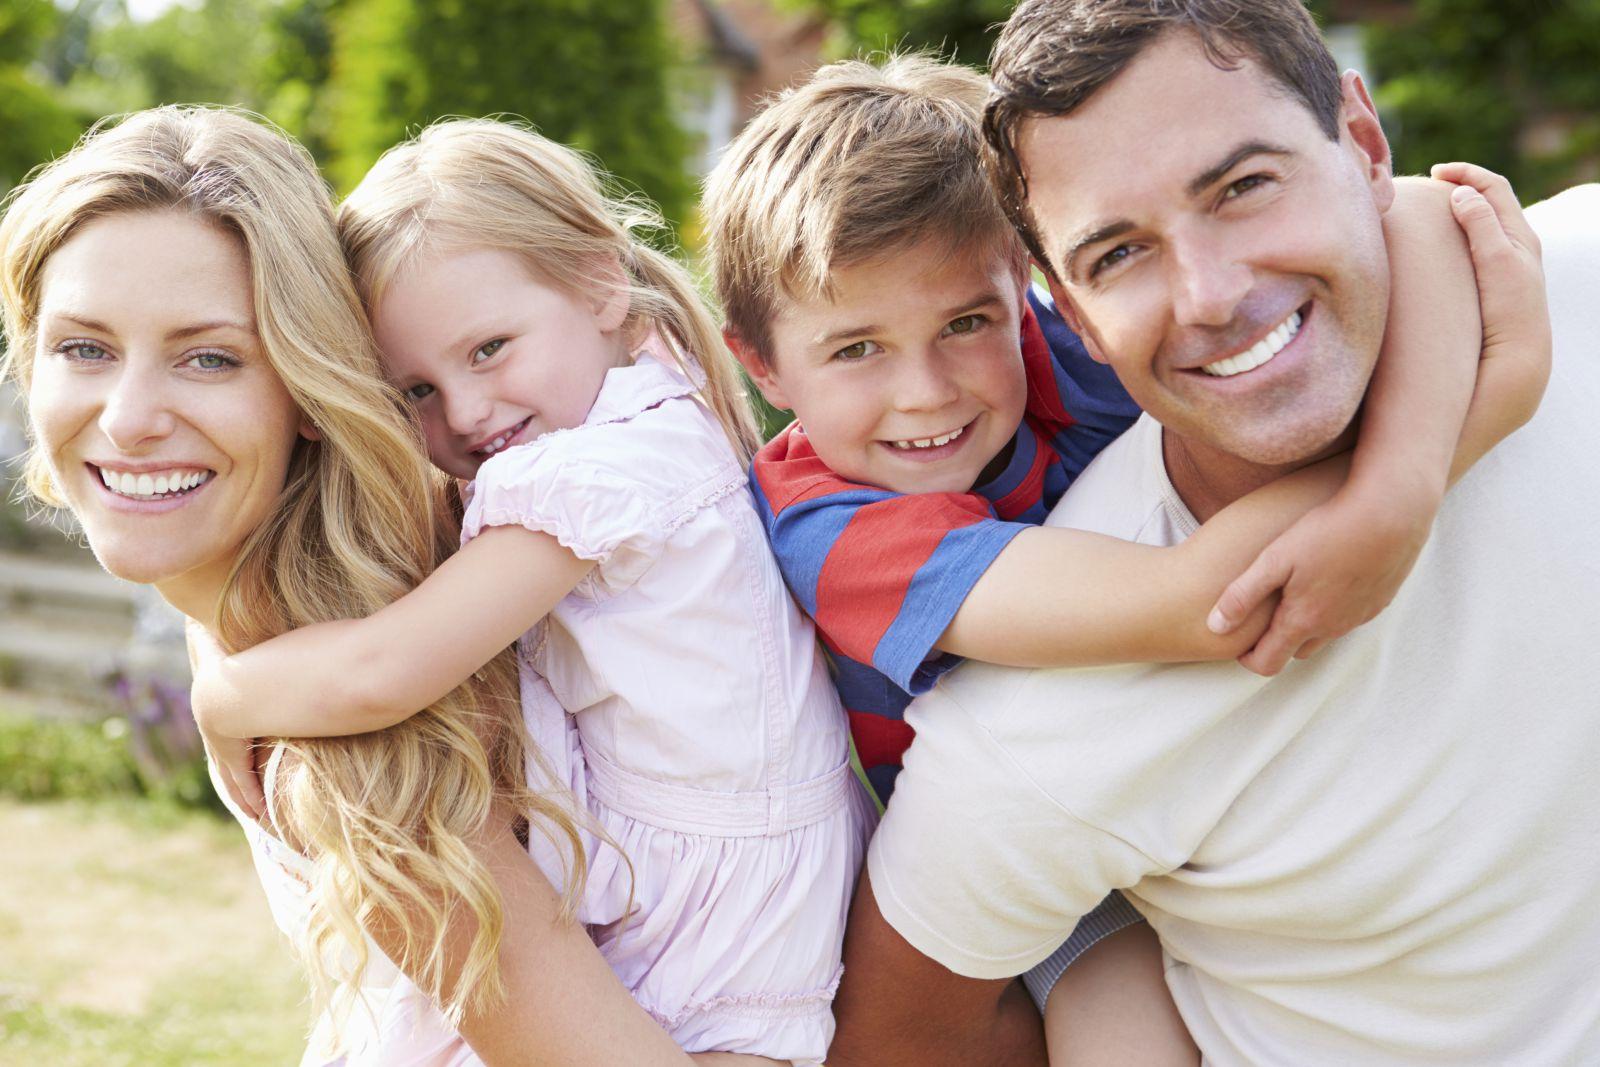 Главные ошибки воспитания, которые могут повлиять на дальнейшую жизнь ребенка